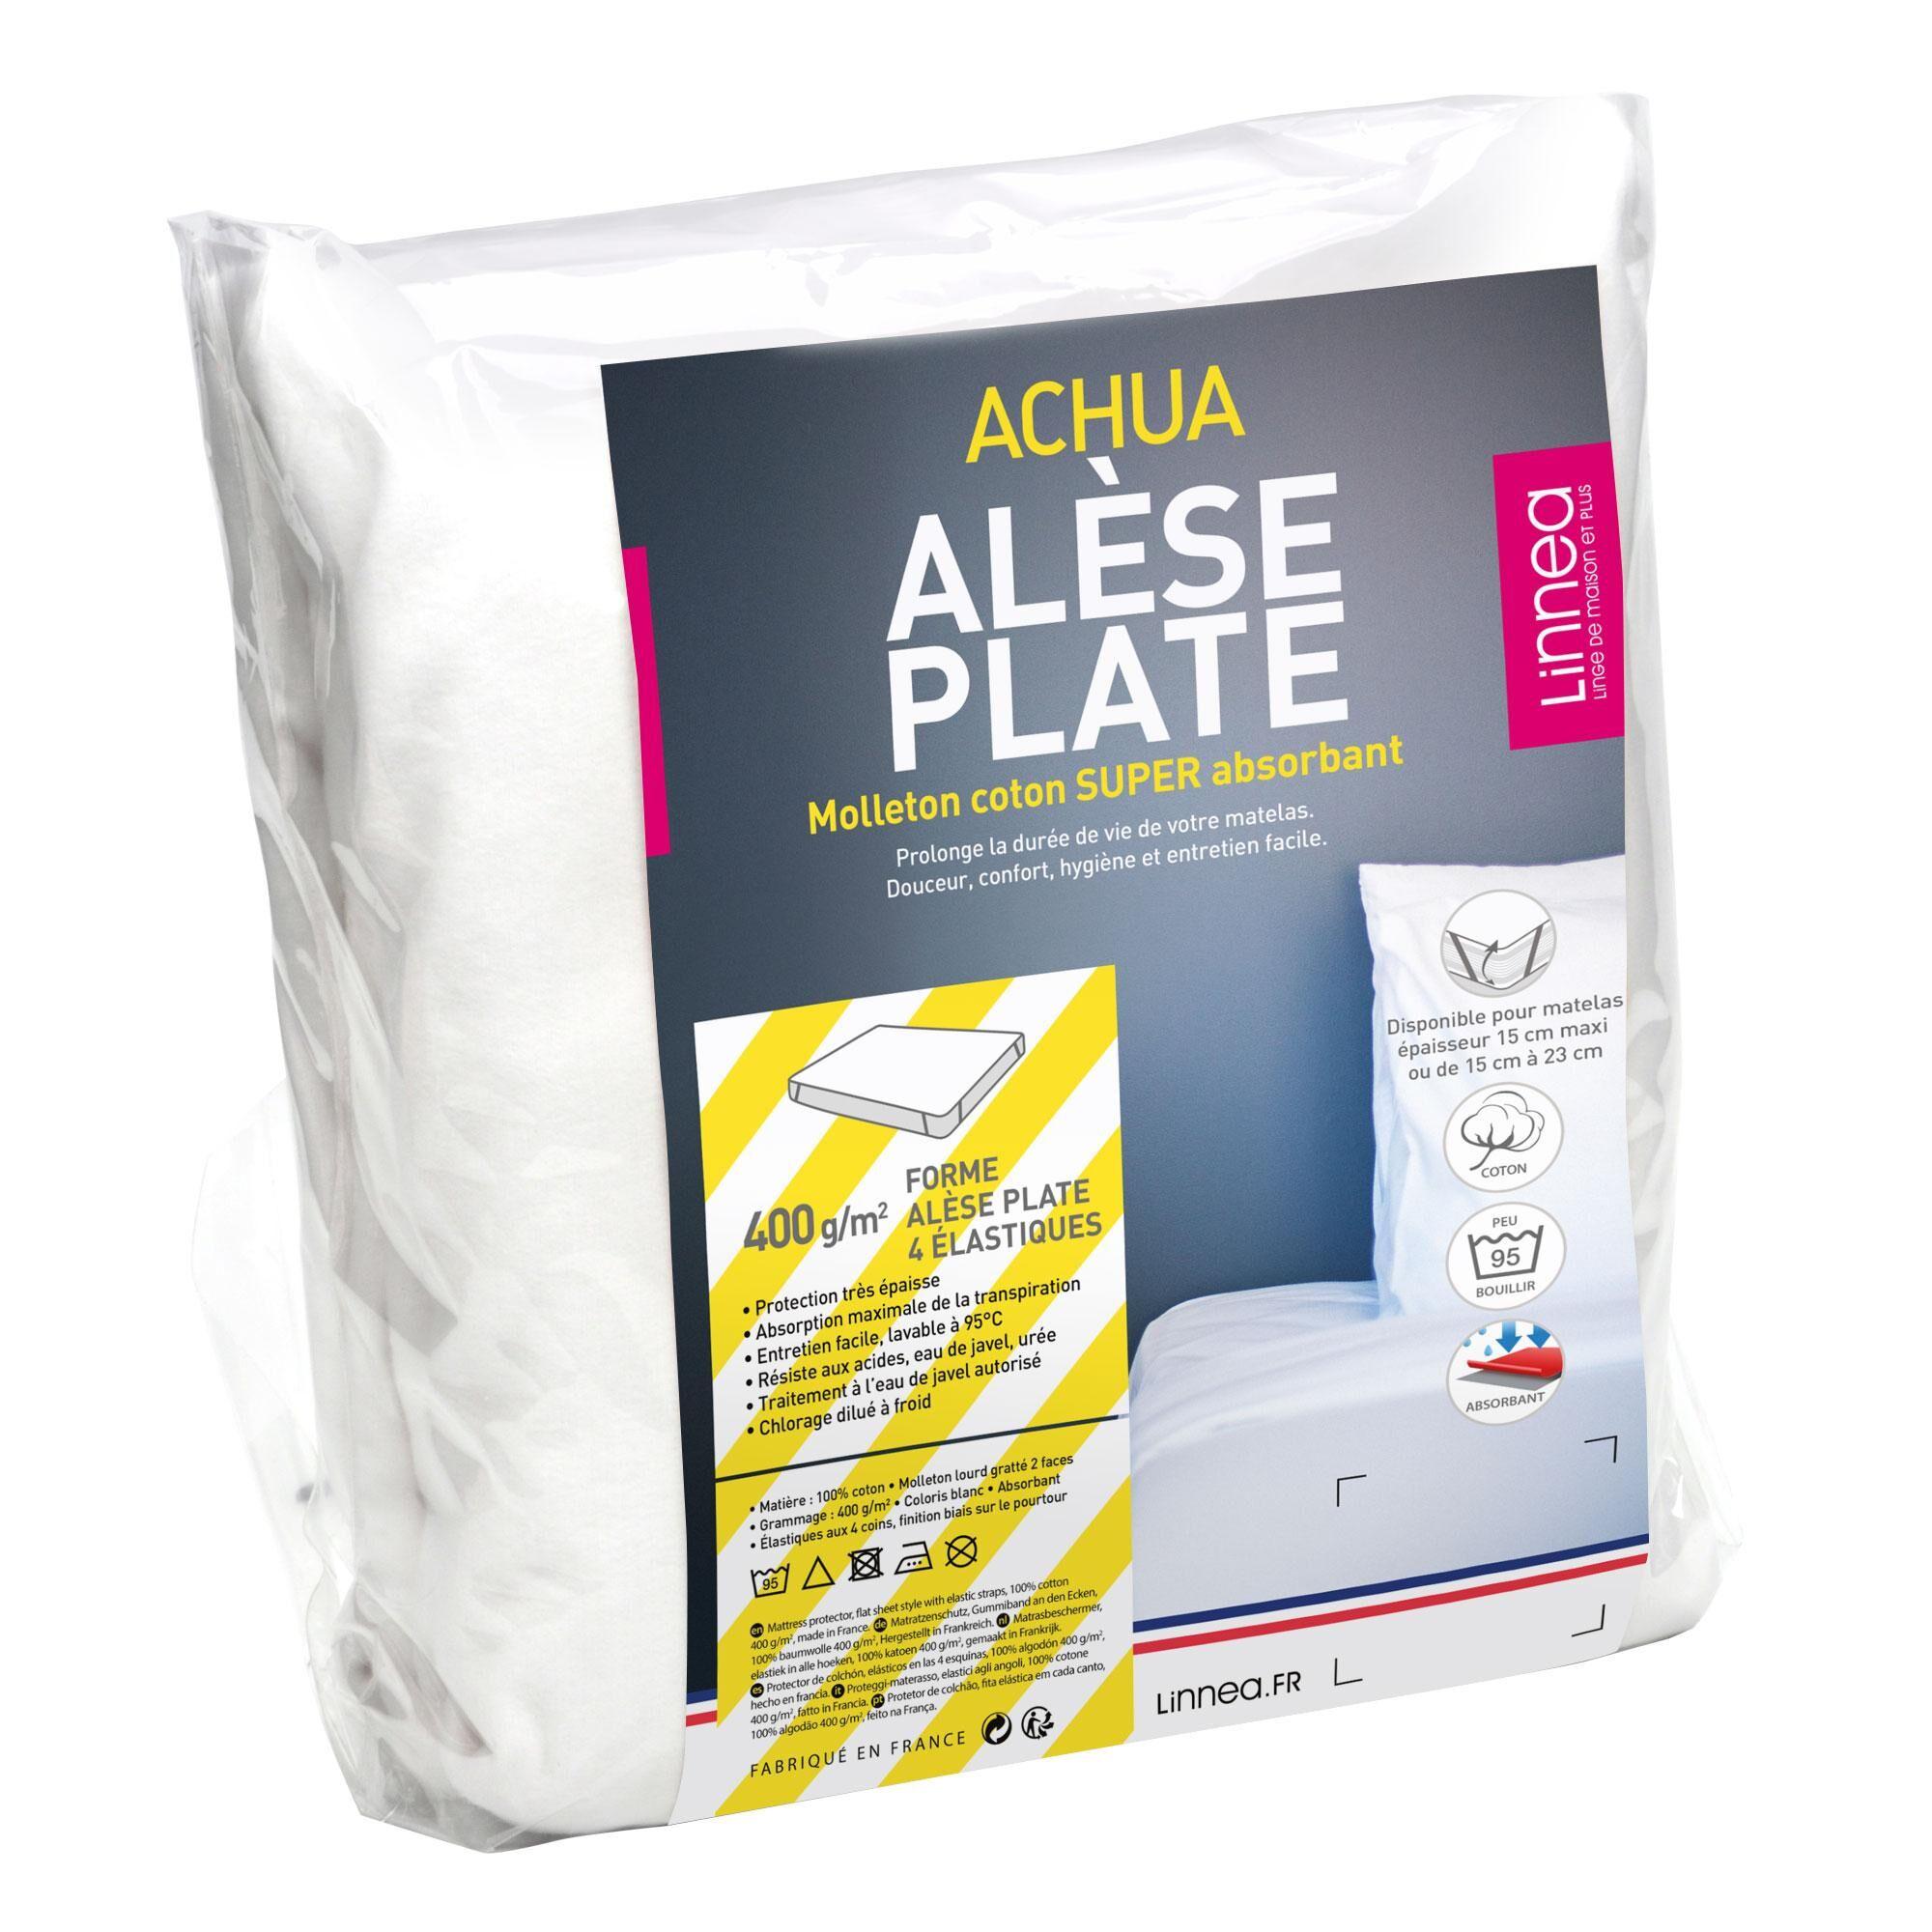 Linnea Alèse plate 110x200 cm ACHUA Molleton 100% coton 400 g/m2 matelas 15cm à 23cm